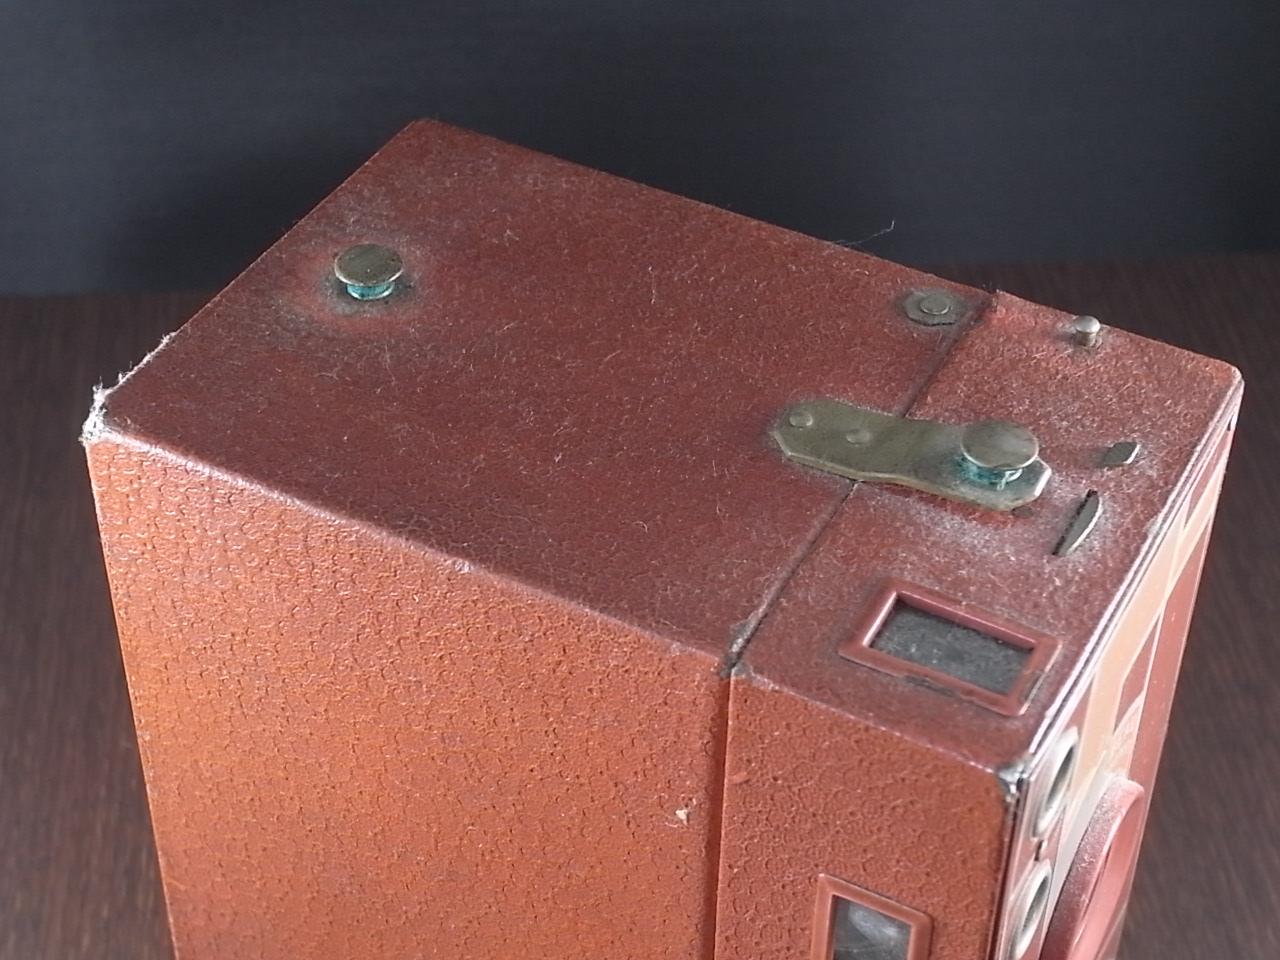 コダック No.2A ブローニー アールデコカメラ ローズの写真4枚目